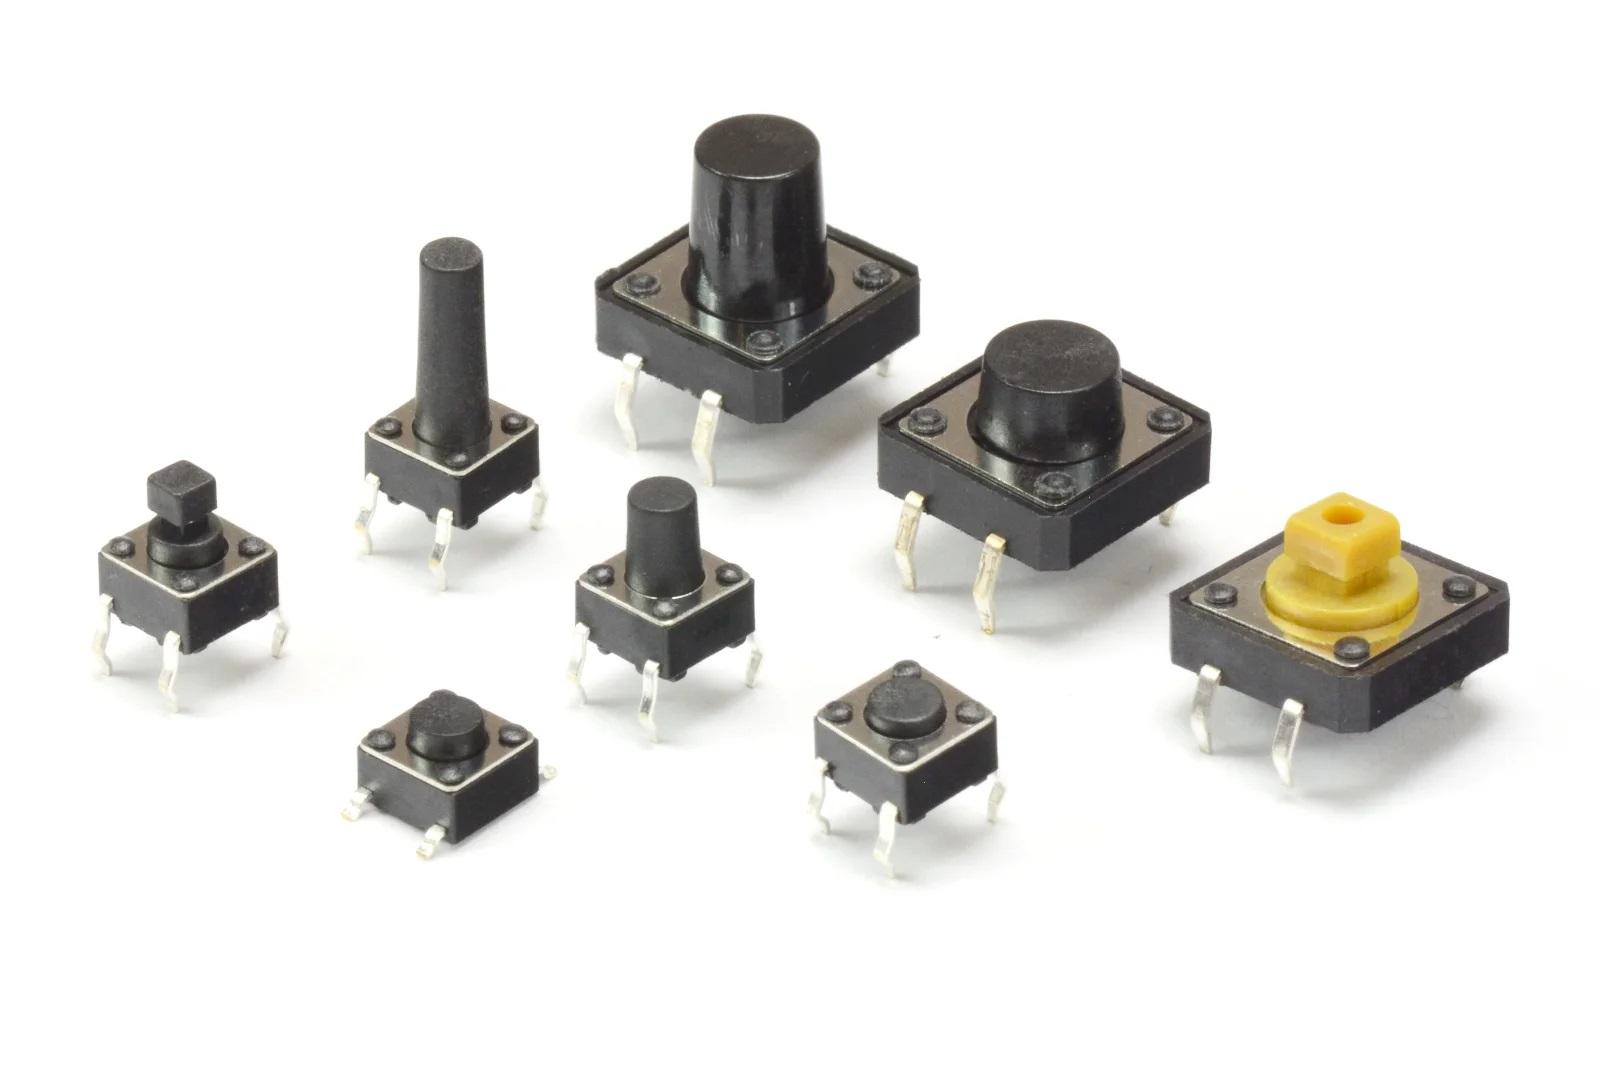 Примеры переключателей в различных корпусах и размерах